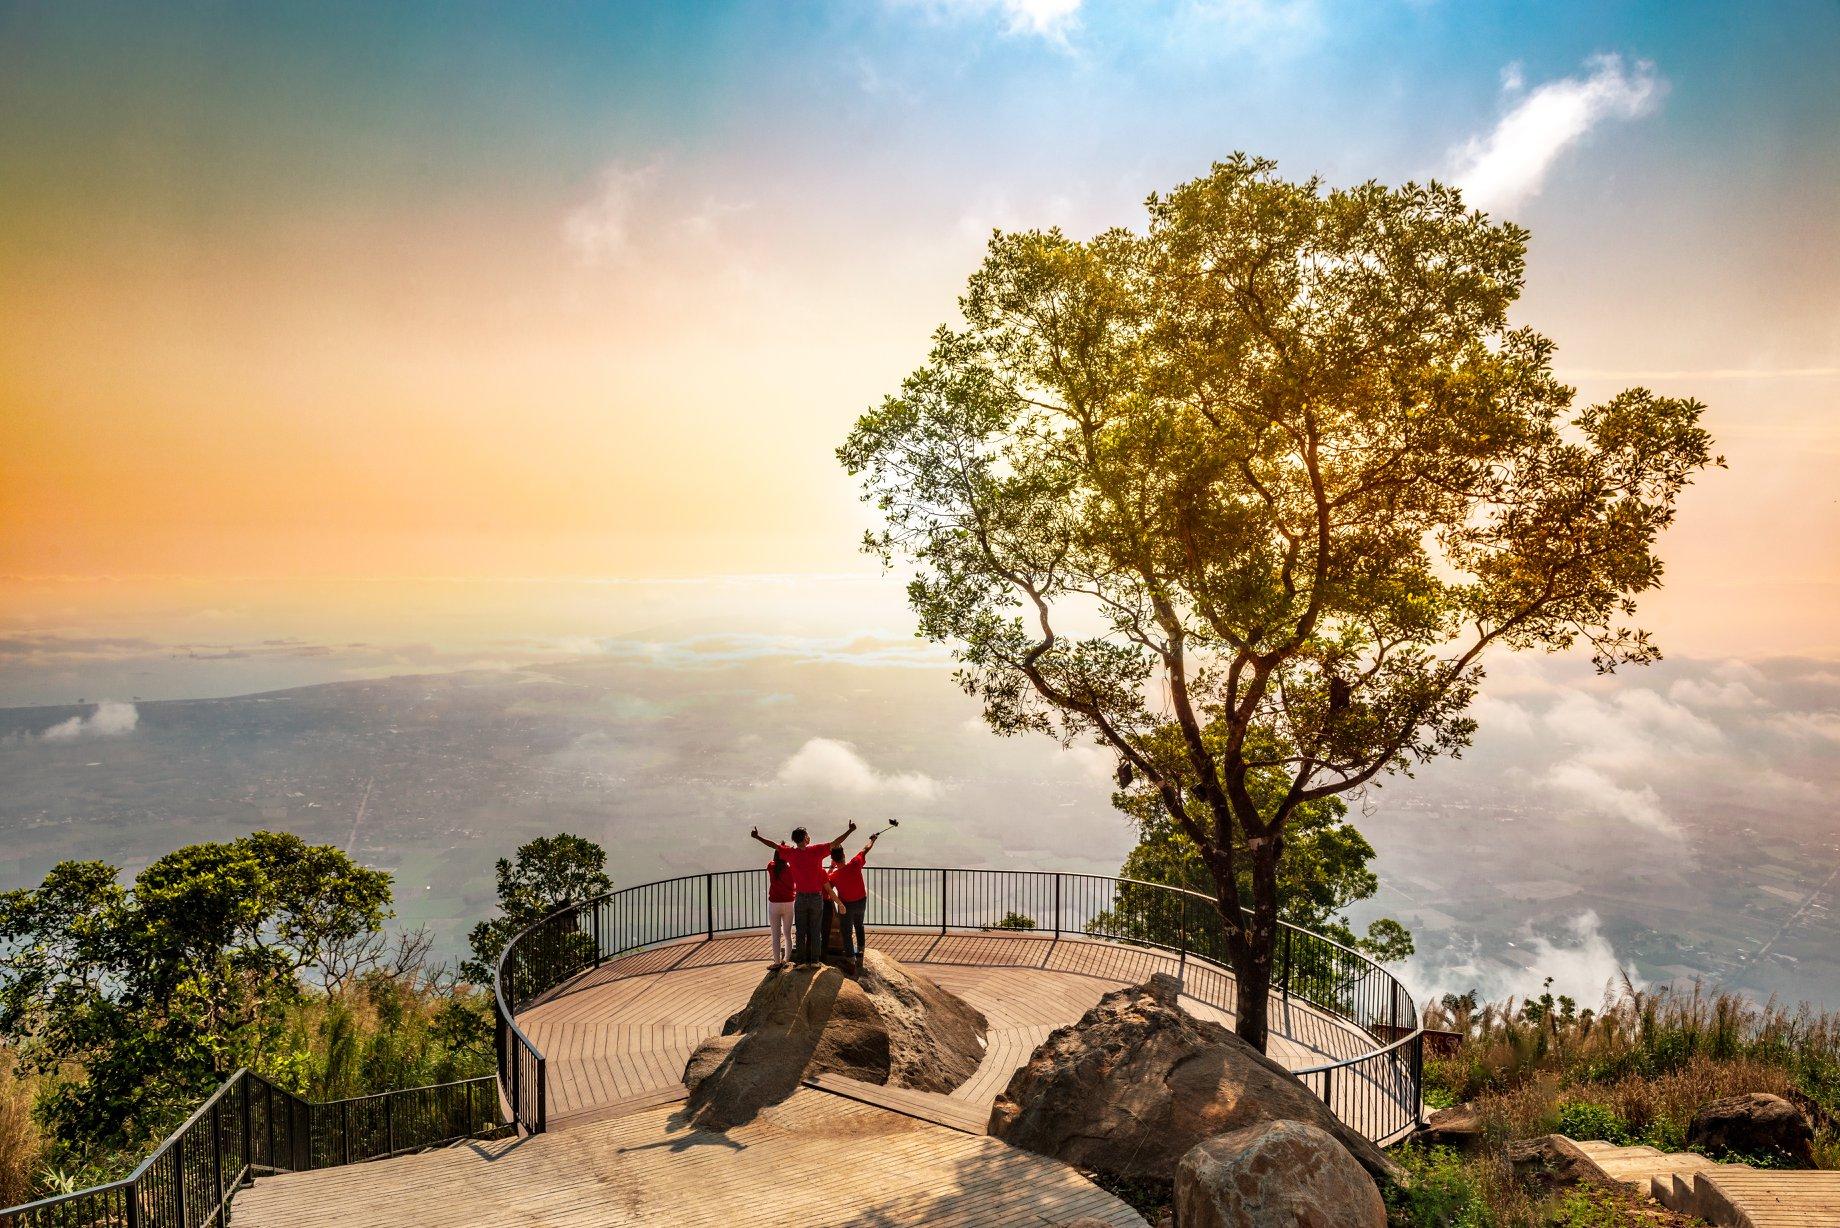 Trekking núi Bà Đen. Hình: Sưu tầm